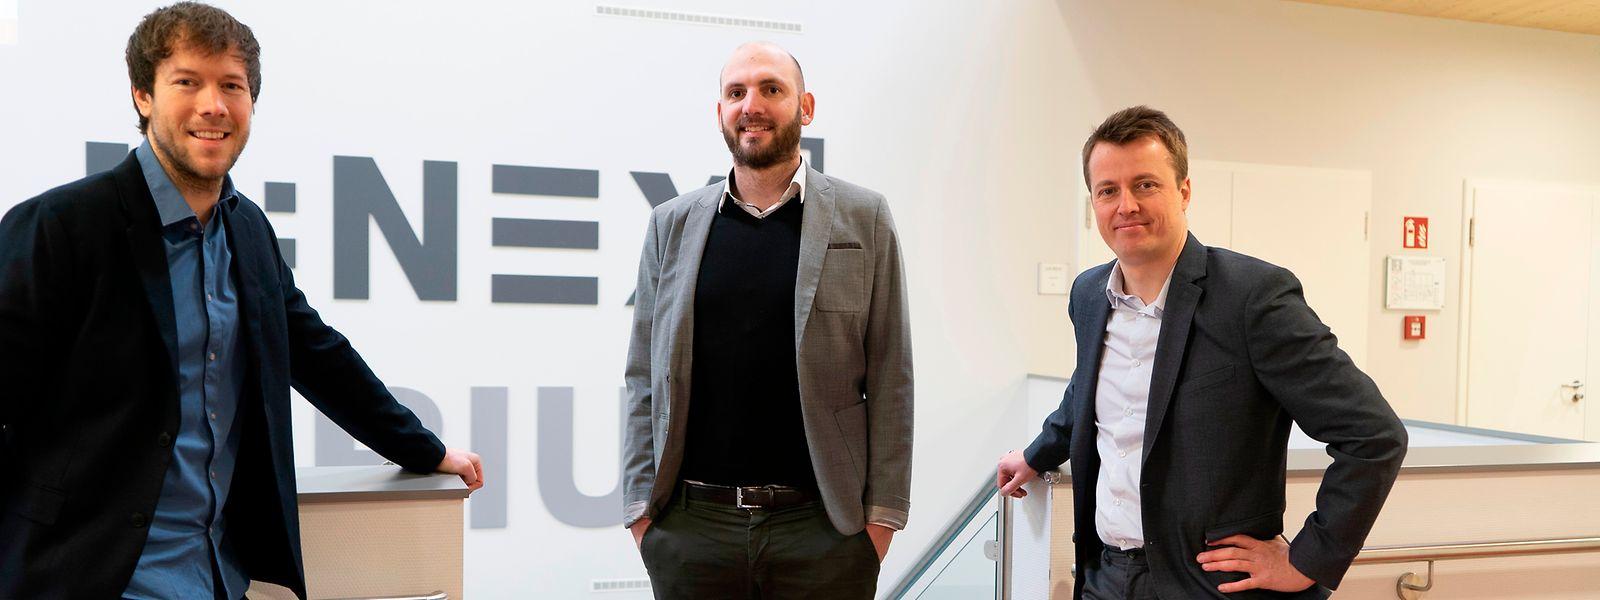 """Das Team hinter dem Studiengang """"Internationales Sportmanagement"""": Mathieu Marlier, Sebastian Merten und Mathieu Winand (v.l.n.r.)."""